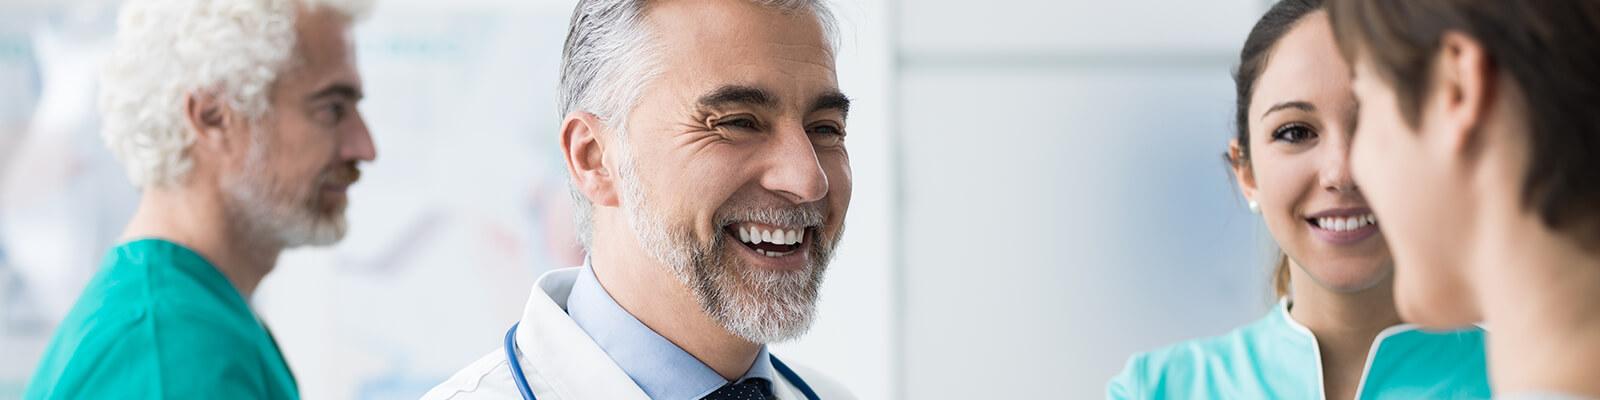 About Dr. Raktade Dental Implant Center